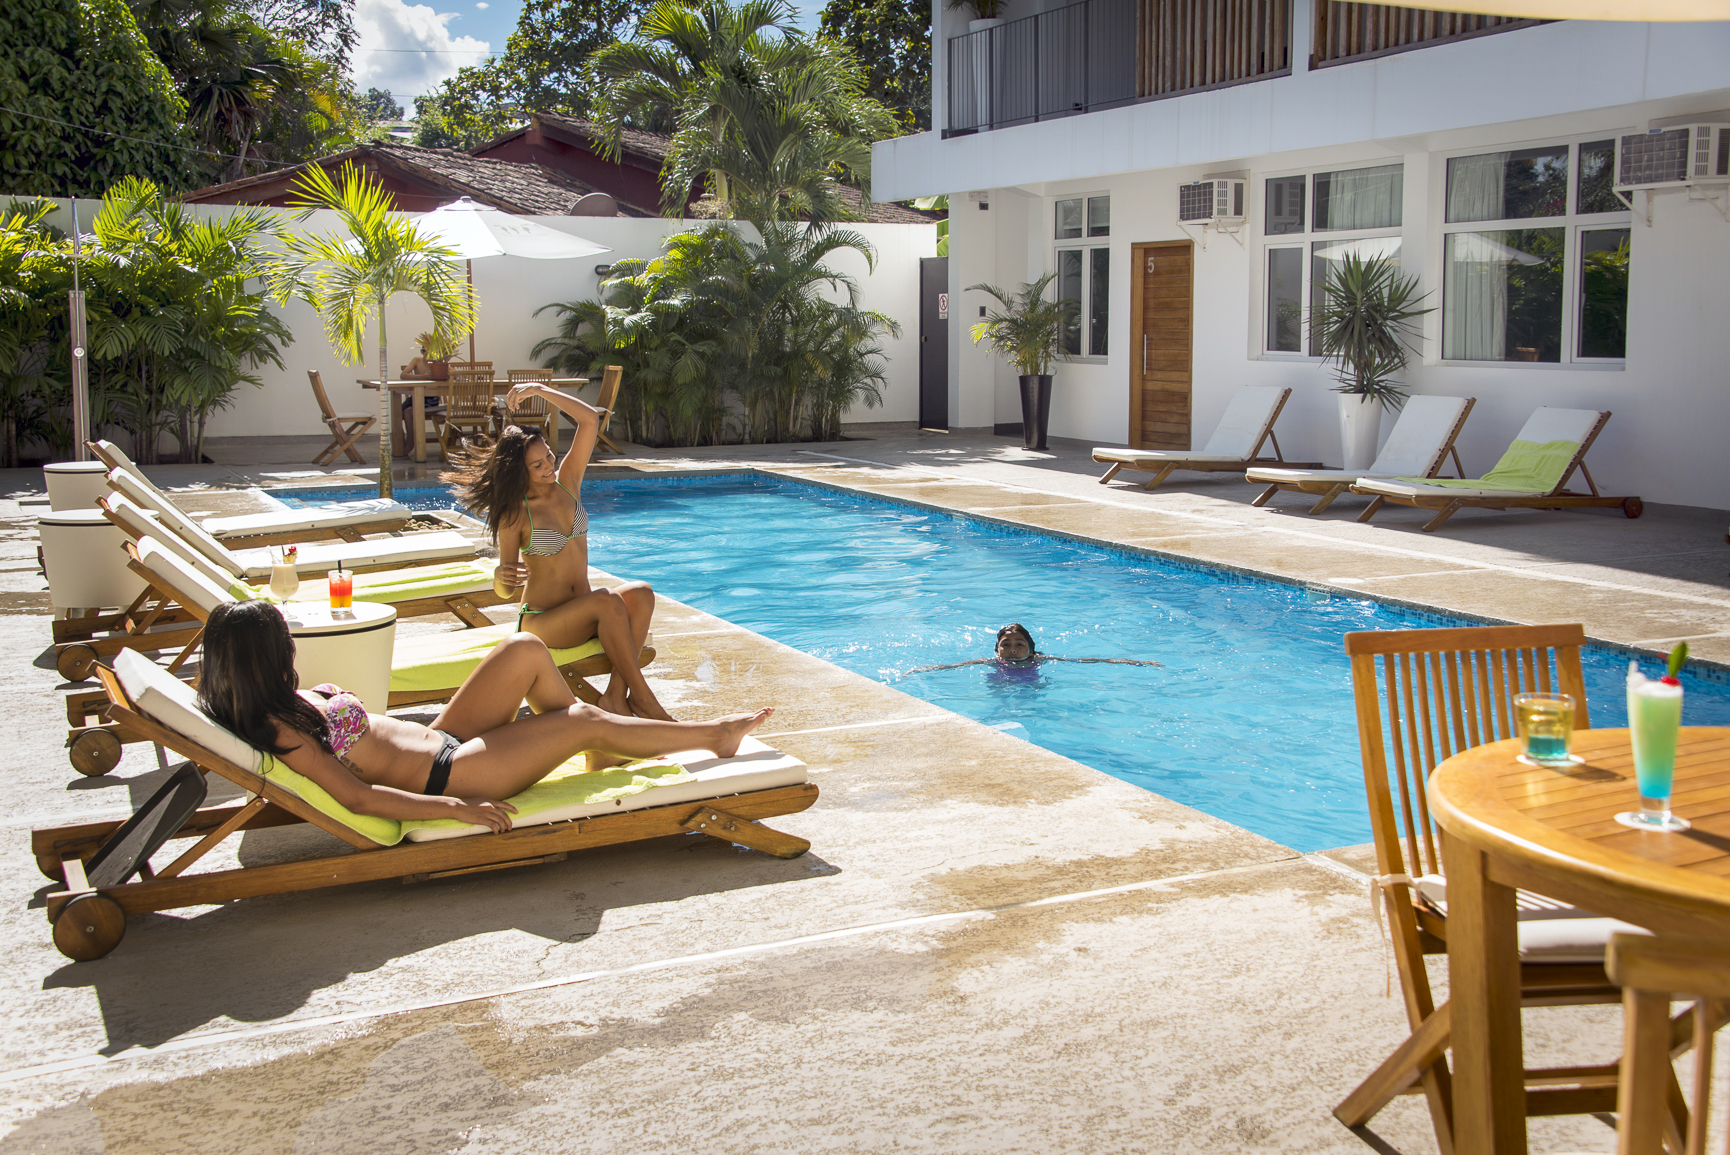 Enjoying the pool at Tucan Suites.